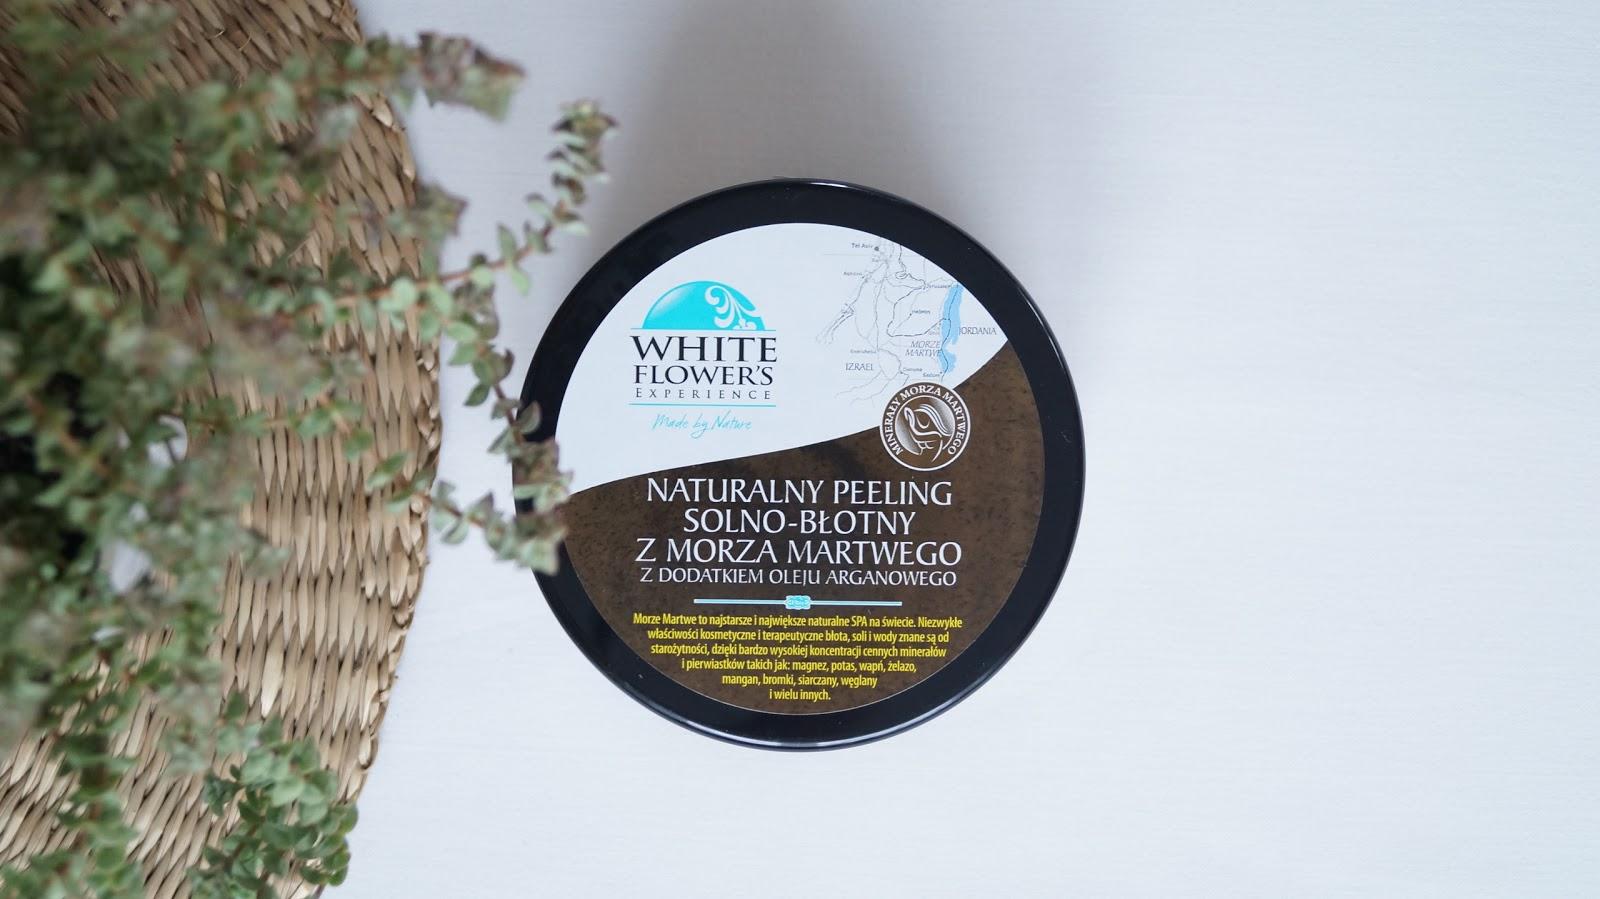 Co tu się stało? - recenzja naturalnego peelingu solno - błotnego z dodatkiem oleju arganowego White Flower's Experiance Made by Nature